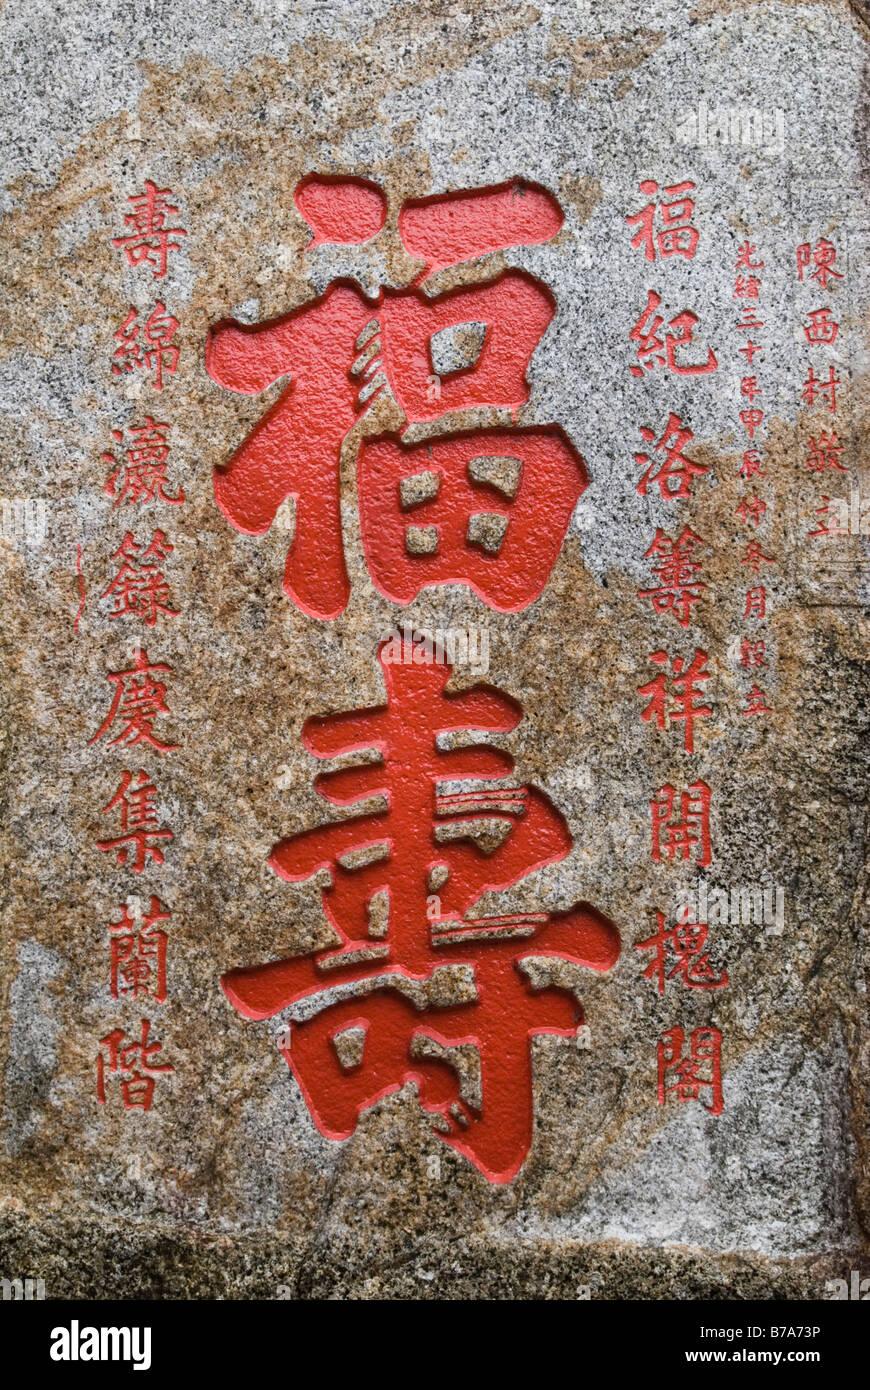 Roten chinesischen Schriftzeichen, Kek Lok Si Temple, Penang, Malaysia Stockbild